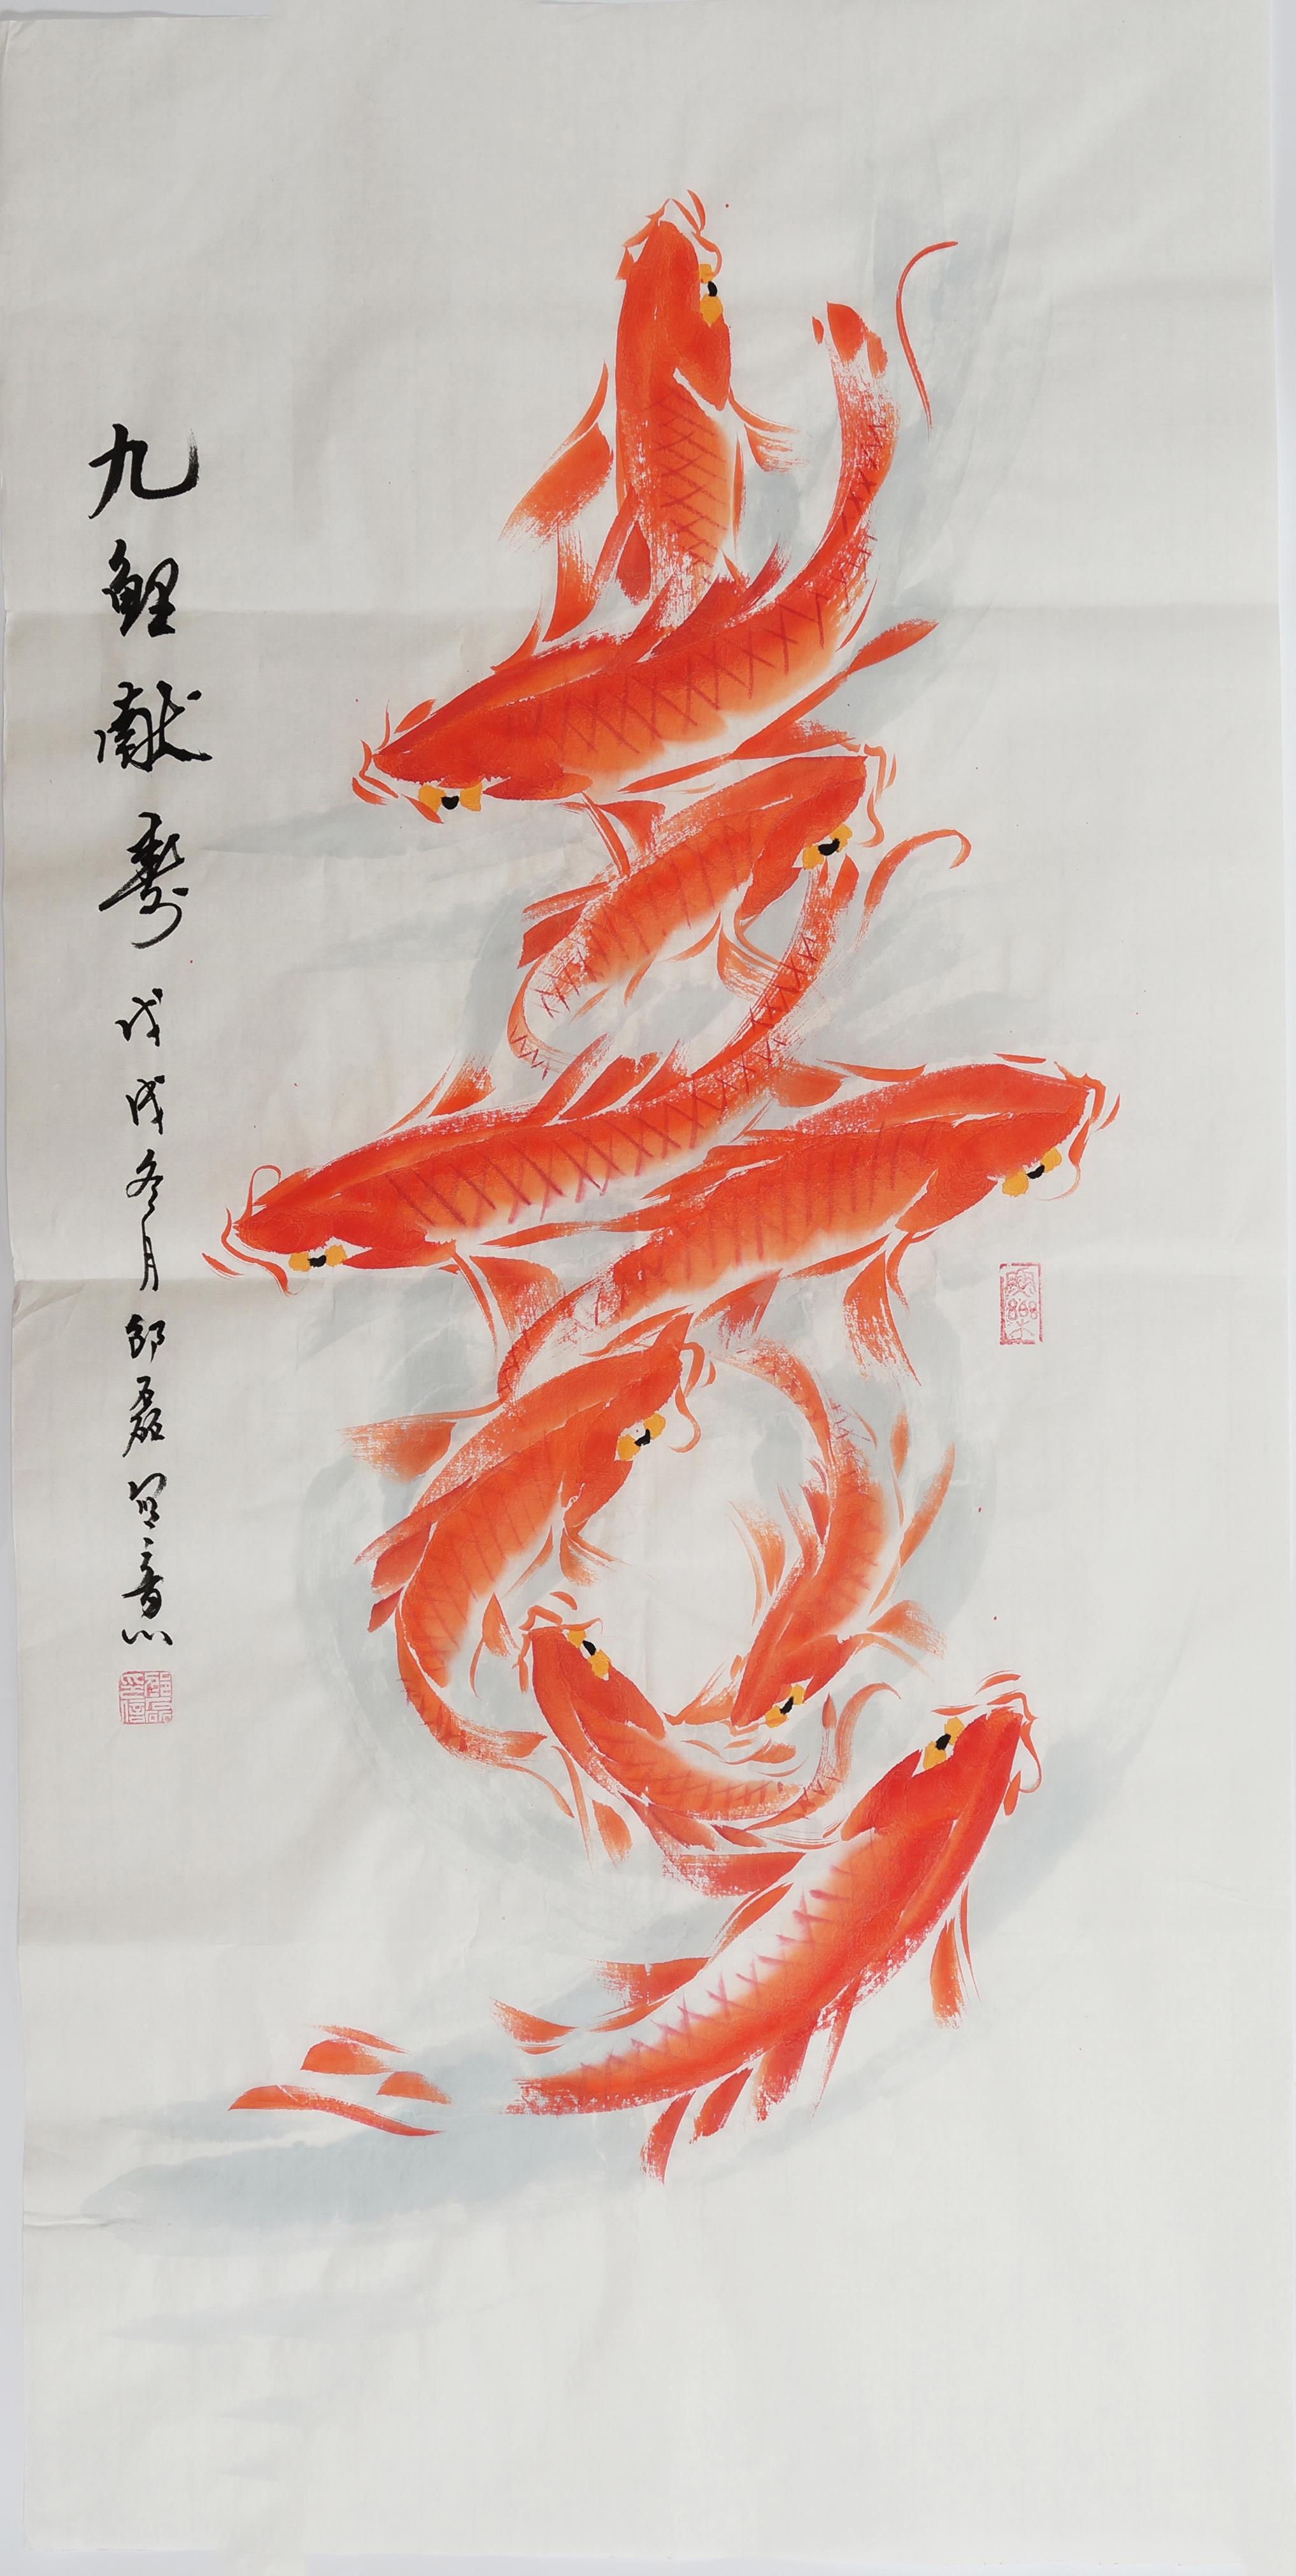 三尺國畫鯉魚圖 純手繪九魚圖 九鯉獻壽 花鳥寫意畫 邵磊0058